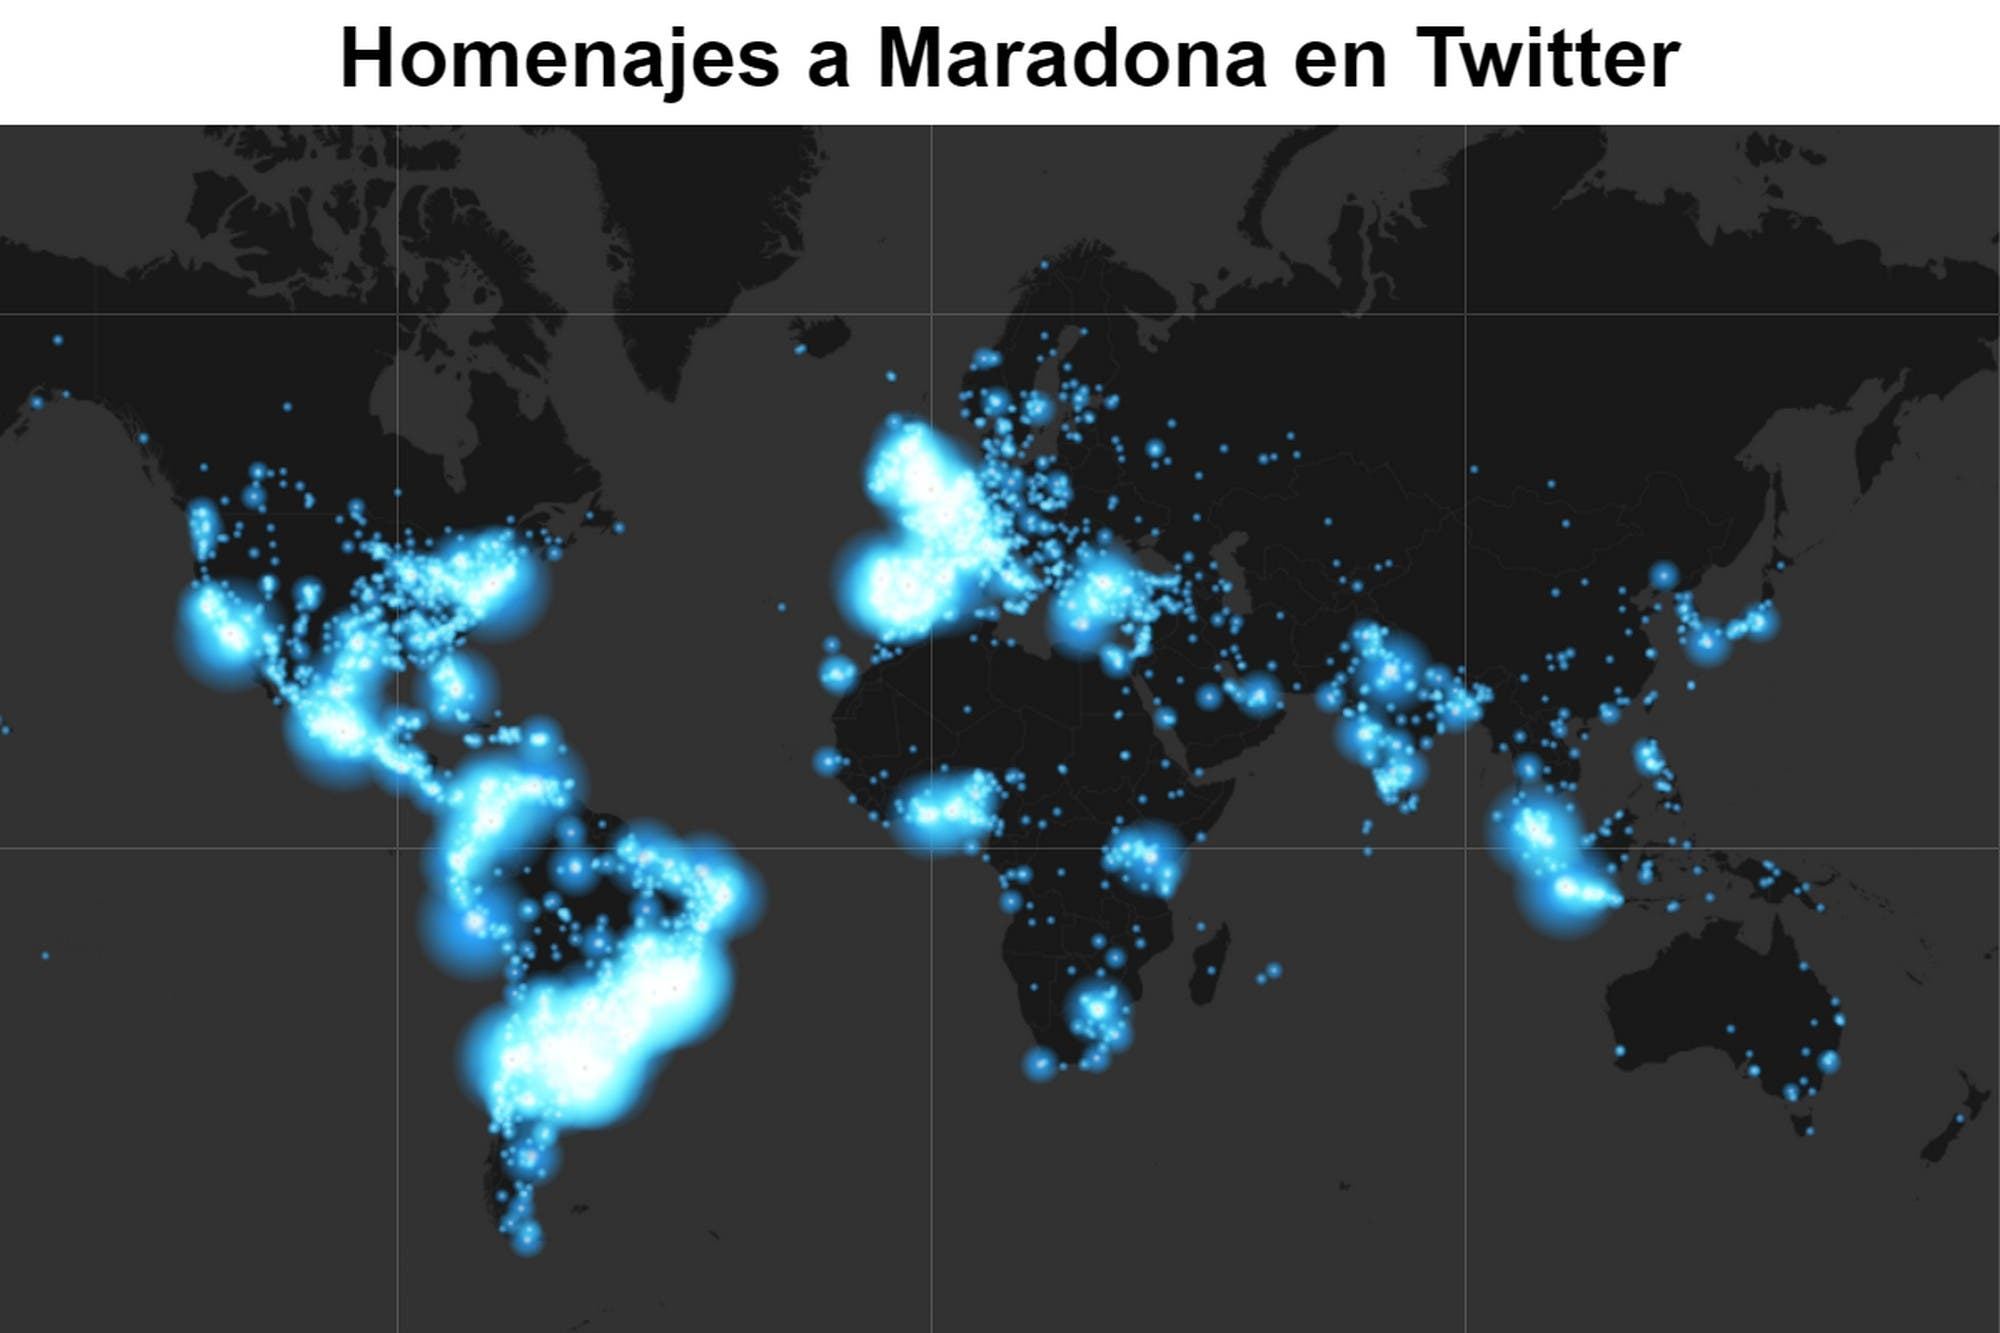 La muerte de Diego Maradona: más de 3 millones de mensajes en Twitter le rinden homenaje